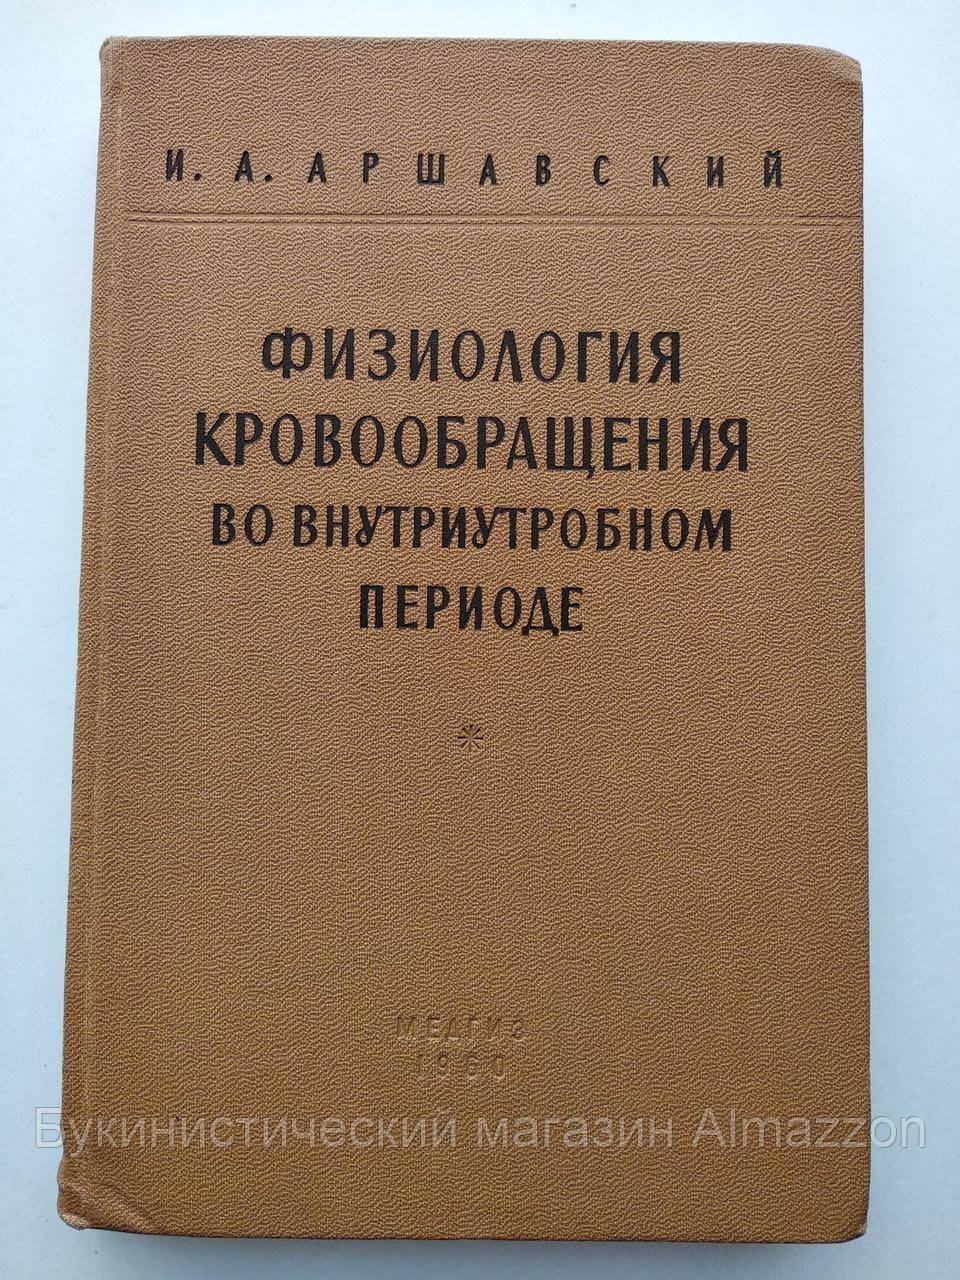 Физиология кровообращения во внутриутробном периоде И.А.Аршавский